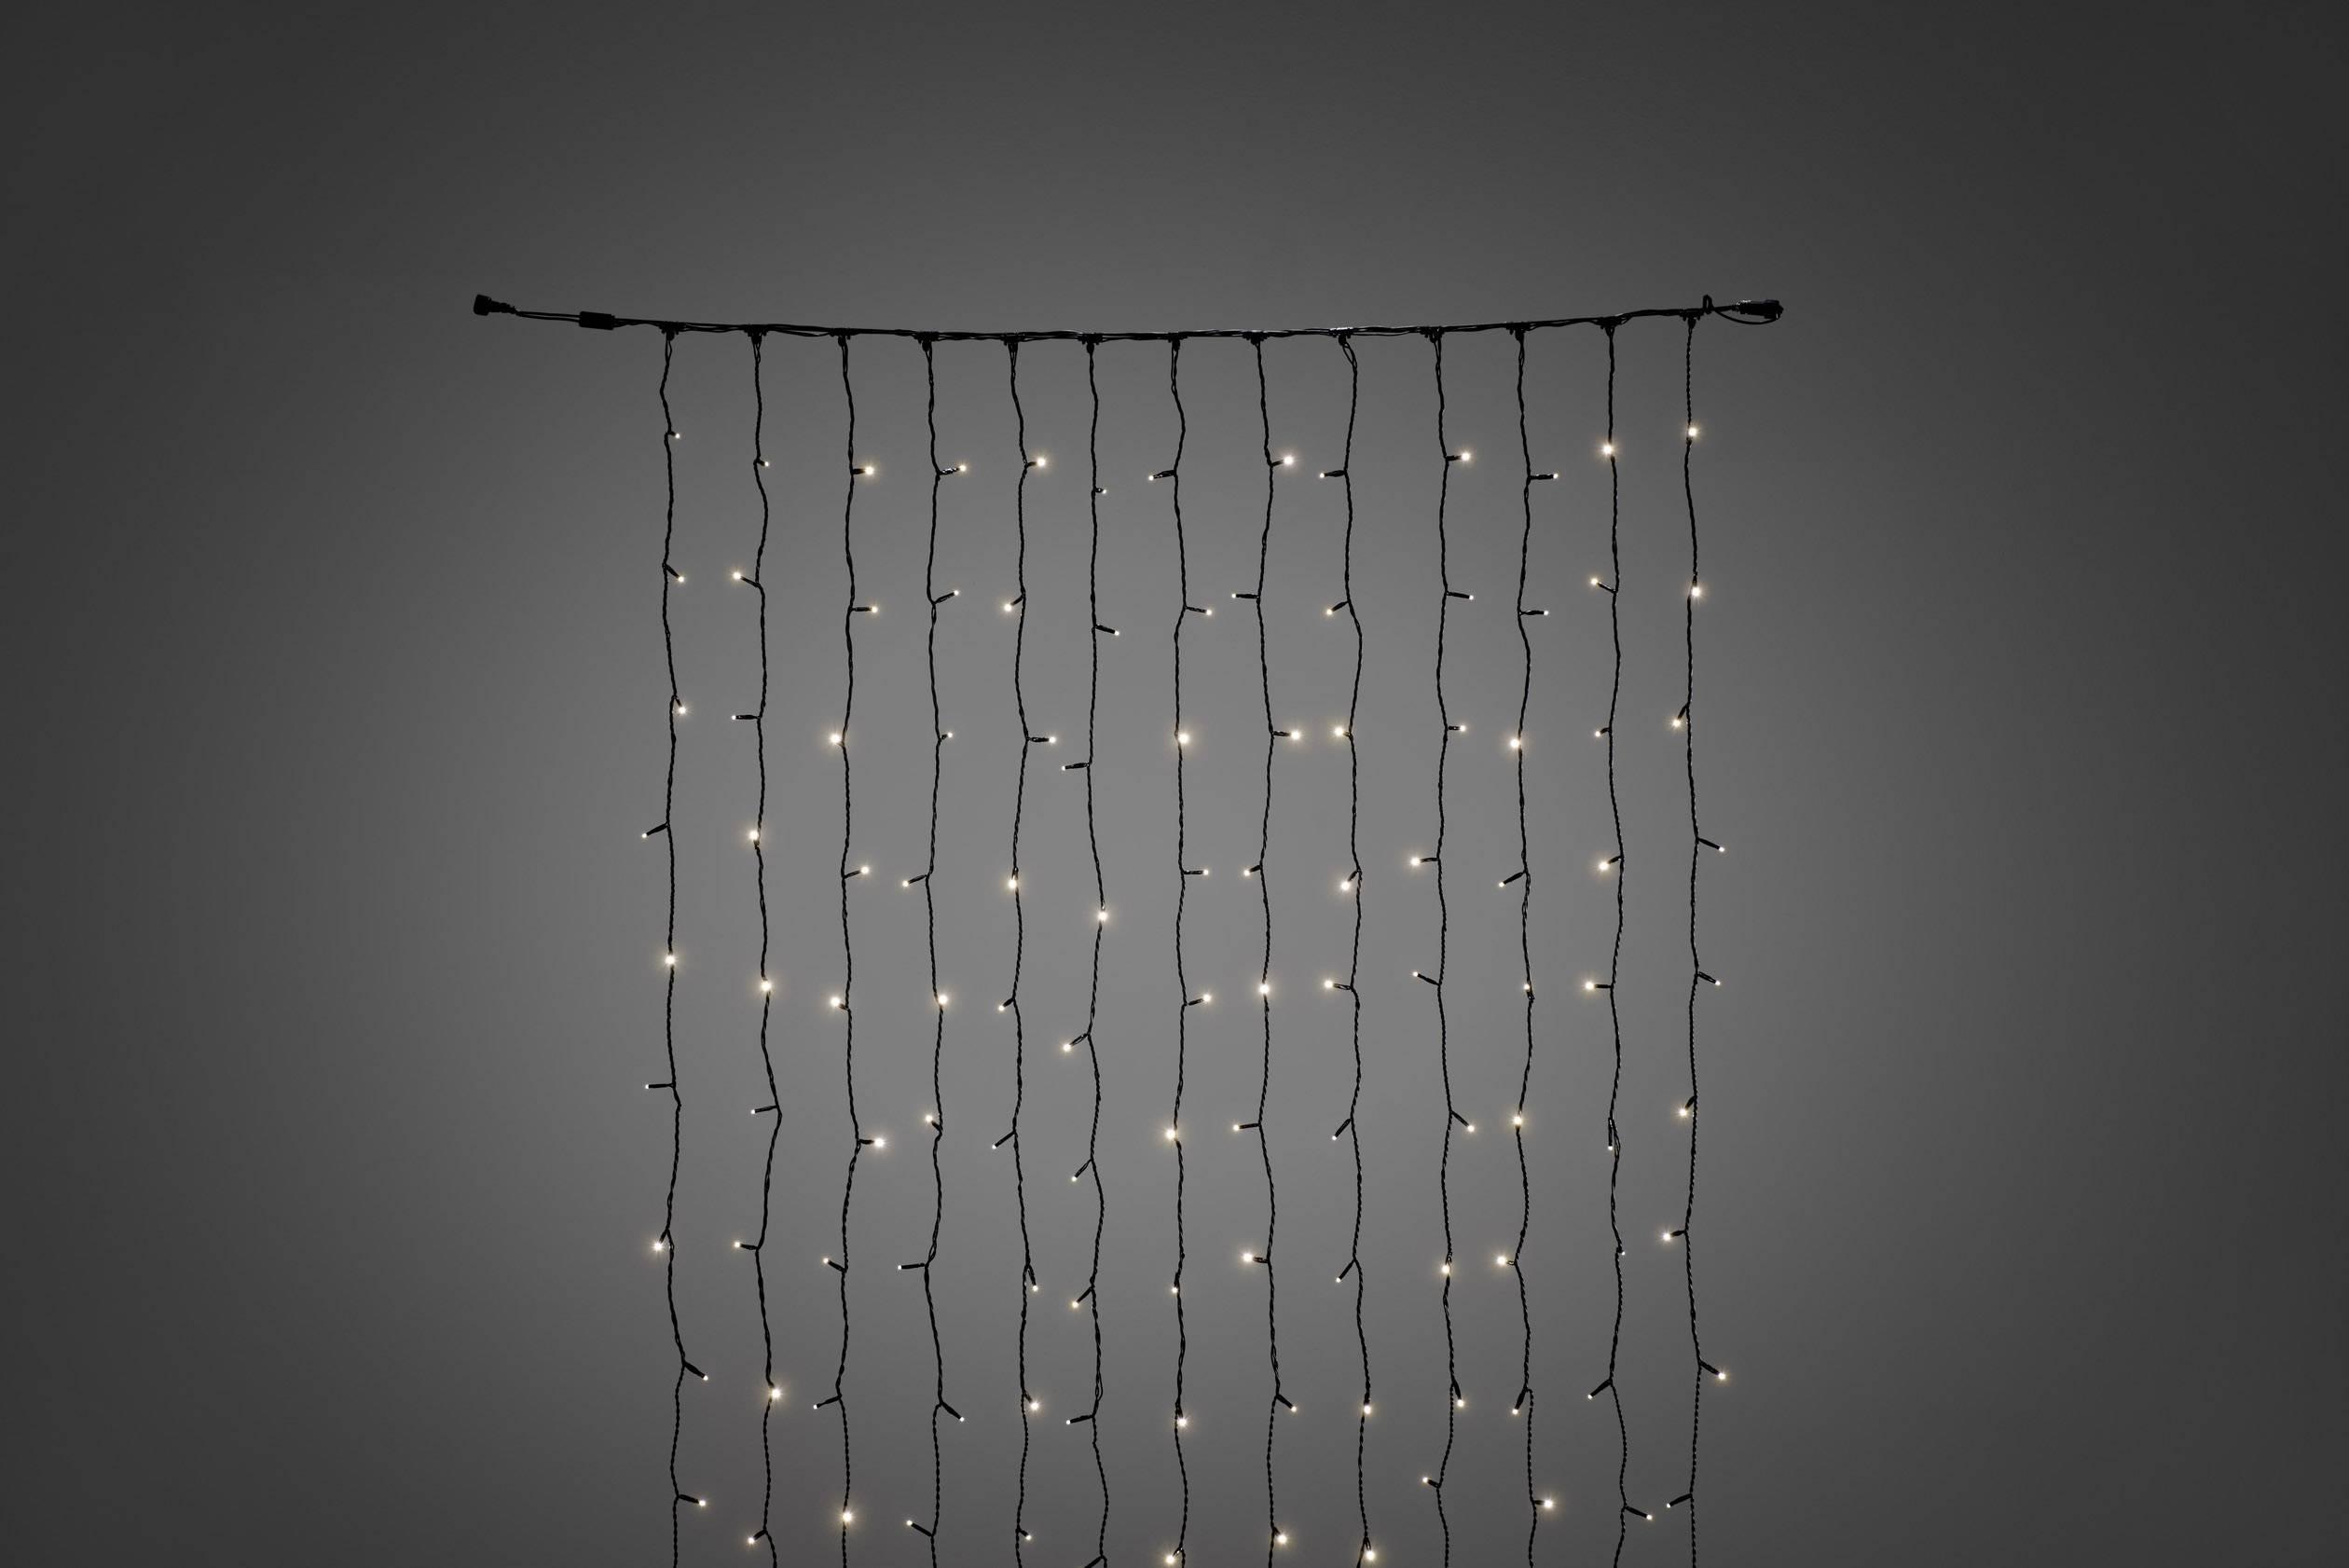 LED rozšíření systému světelného závěsu 31 V světelený závěs teplá bílá Konstsmide